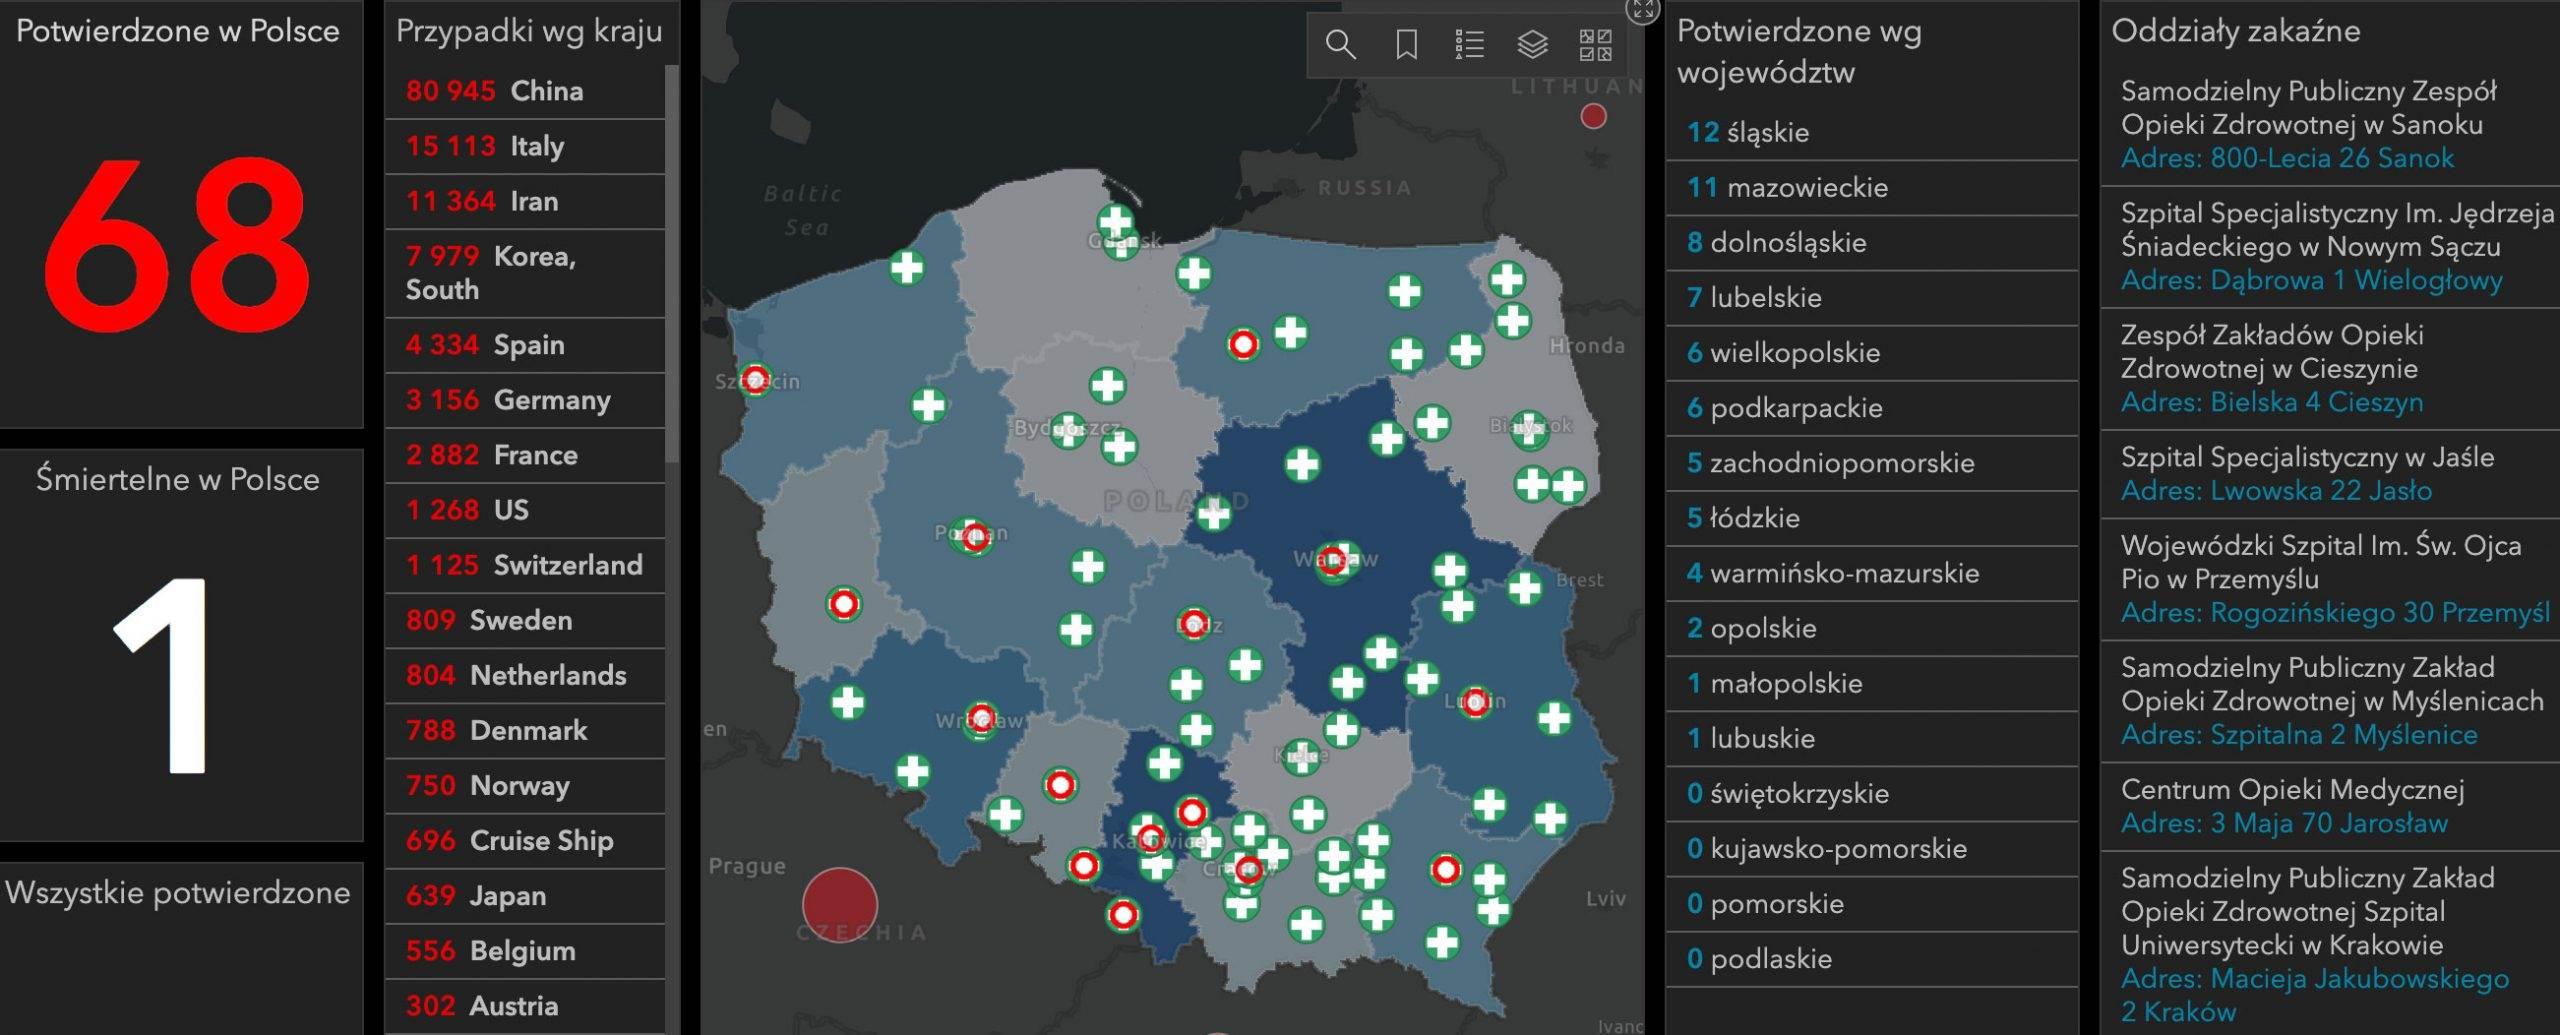 Koronawirus w Polsce. W sieci pojawiła się interaktywna mapa zachorowań na COVID-19 polecane, ciekawostki mapa online, mapa, koronawirus w polsce, koronawirus, interaktywna mapa zachorowań na koronawirusa, ilość zachorowań w polsce, COVID-19  Kilka dni temu polecaliśmy Wam aplikację na iPhone pokazującą mapę zachorowań na COVID-19 na świecie. Dziś chcemy Wam polecić mapę pokazującą gdzie stwierdzono zachorowania na COVID-19 w Polsce. korona 4 scaled